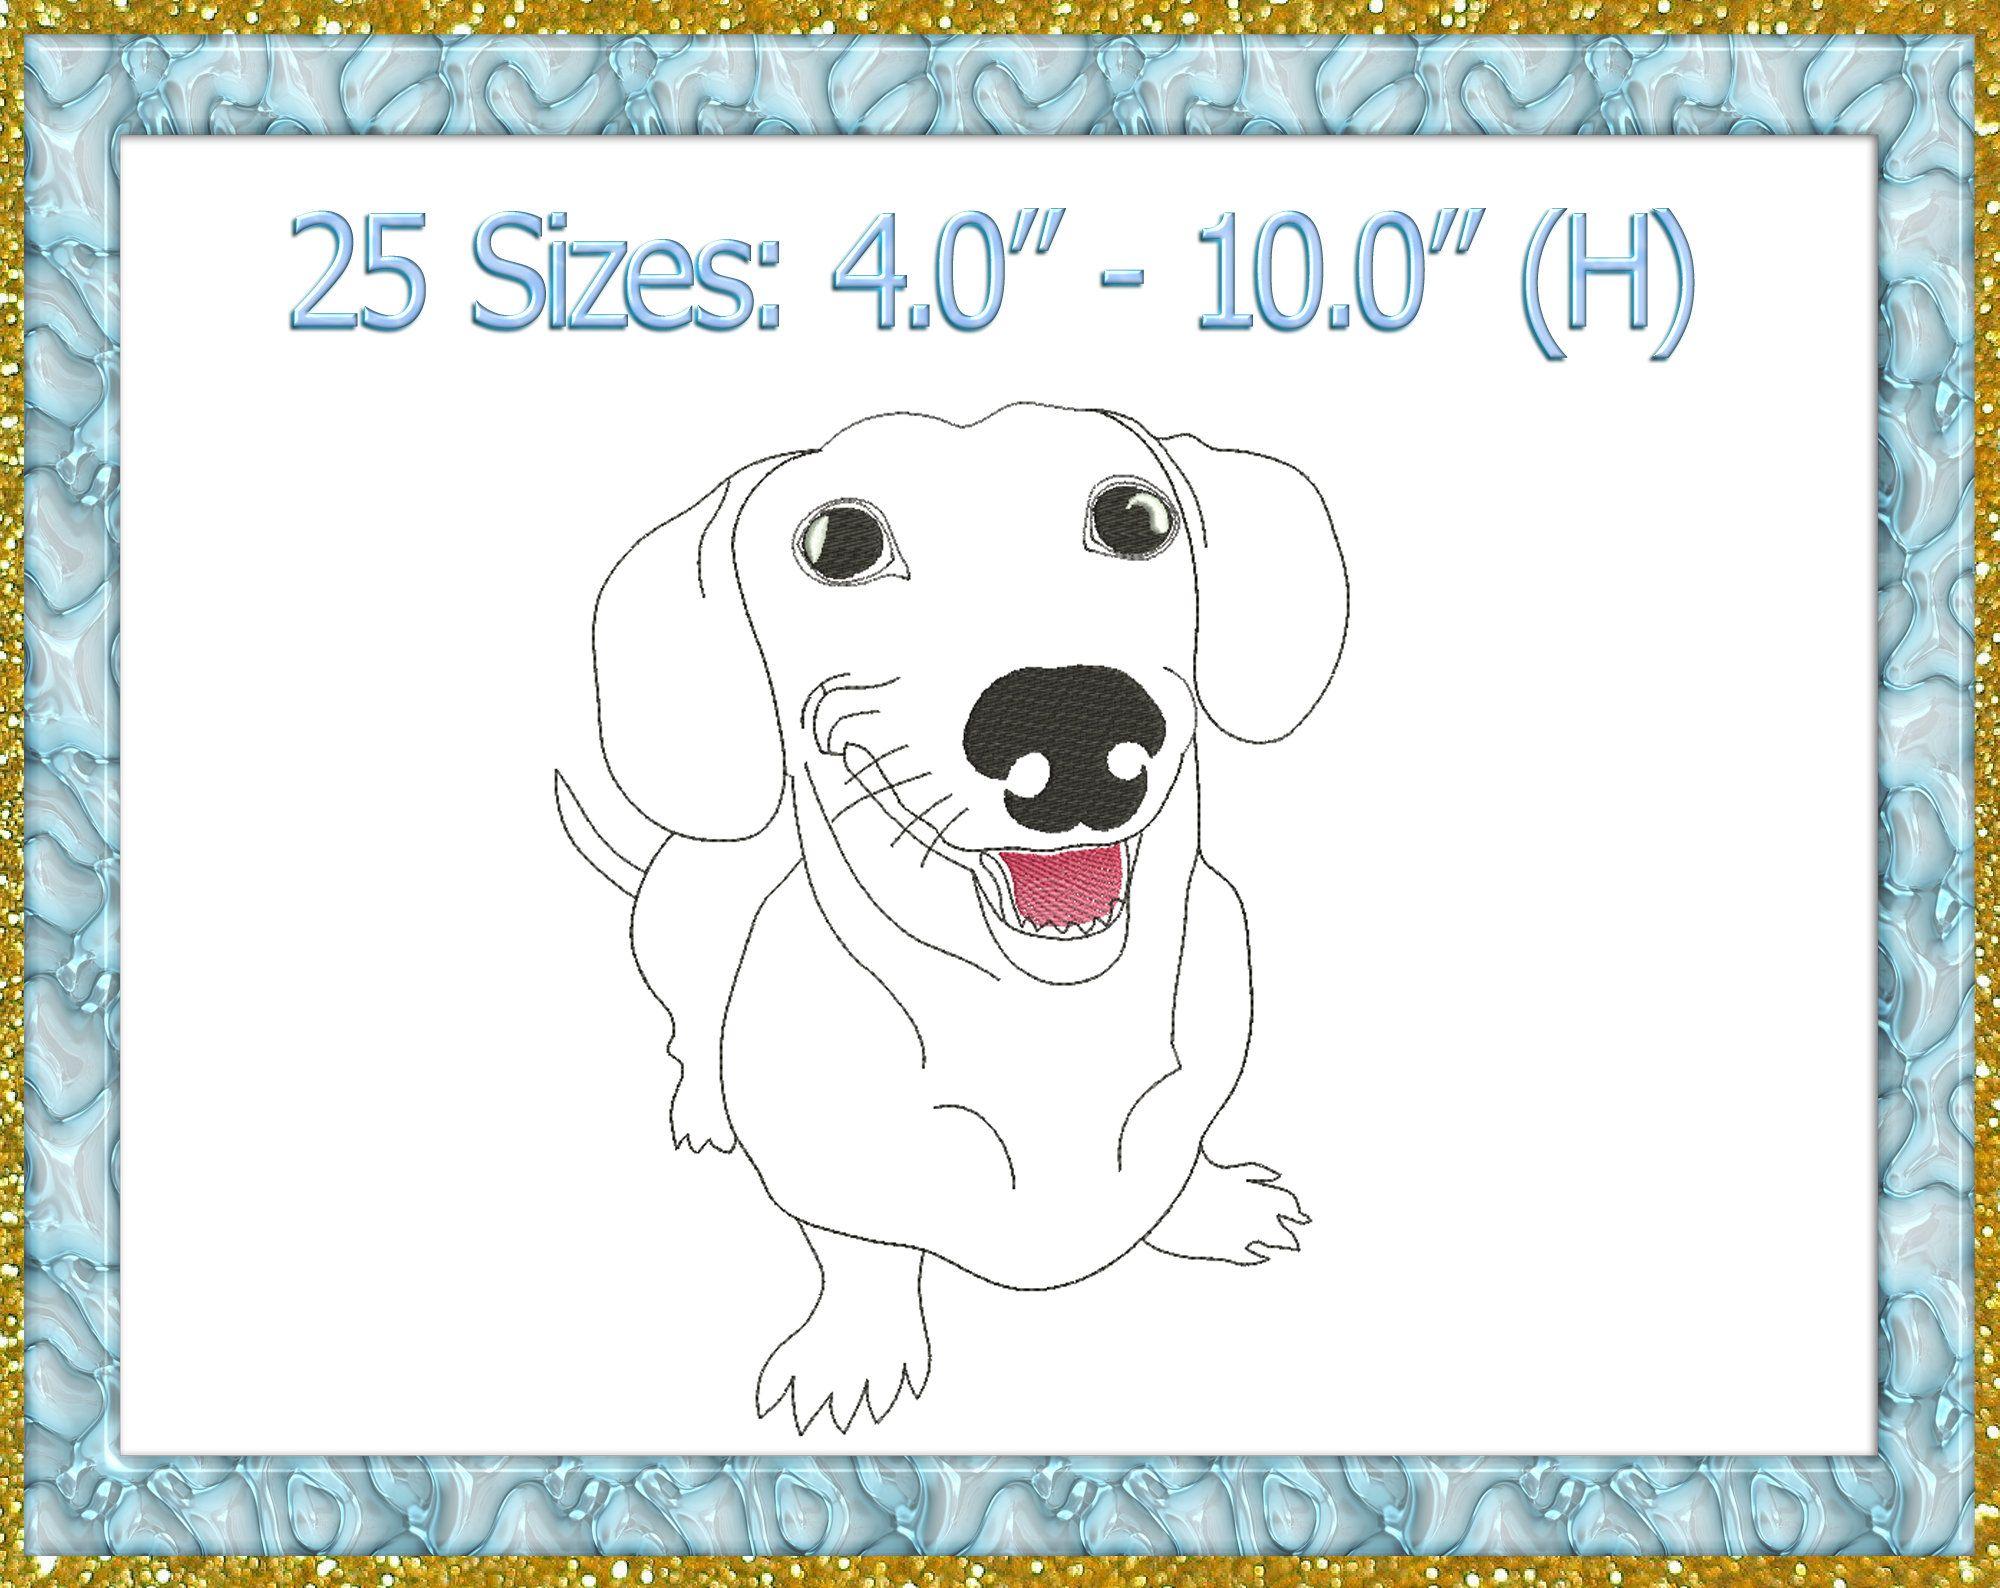 Dachshund Embroidery Design Dachshund Machine Embroidery Design Dog Pug Embroidery Pet Embroidery Pet Embroidery Design Pets Pes 520 In 2020 Animal Embroidery Designs Embroidery Designs Machine Embroidery Designs